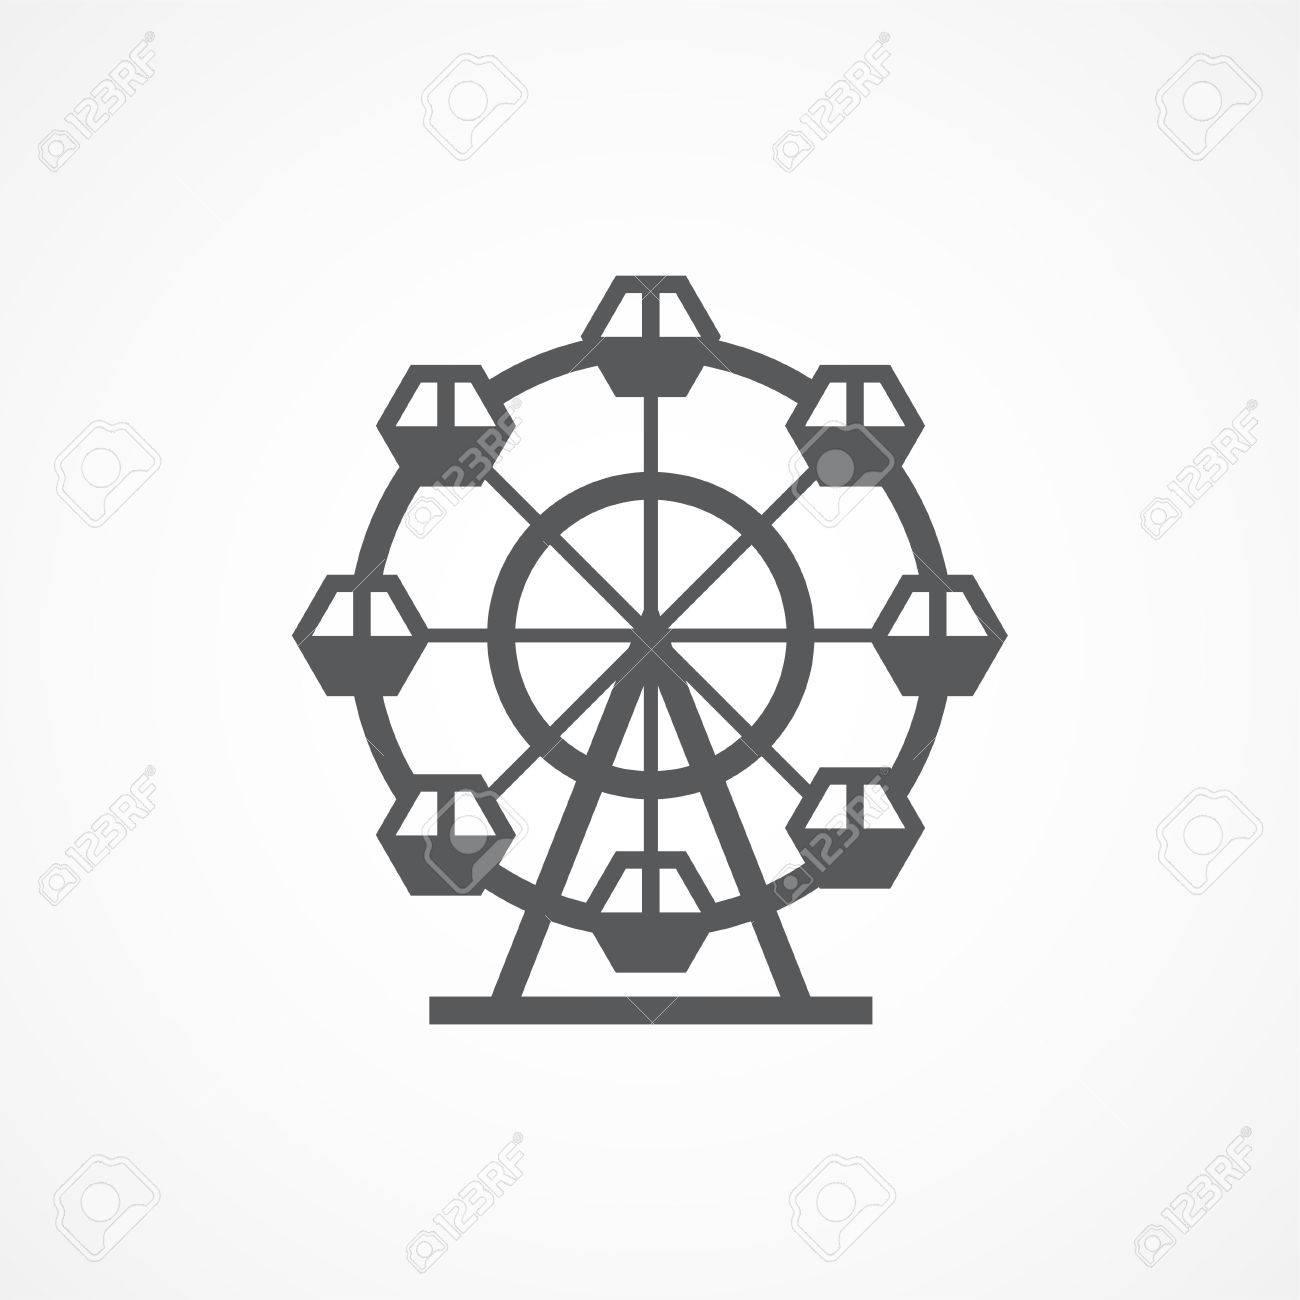 Gray Ferris Wheel Icon on white background - 54325521